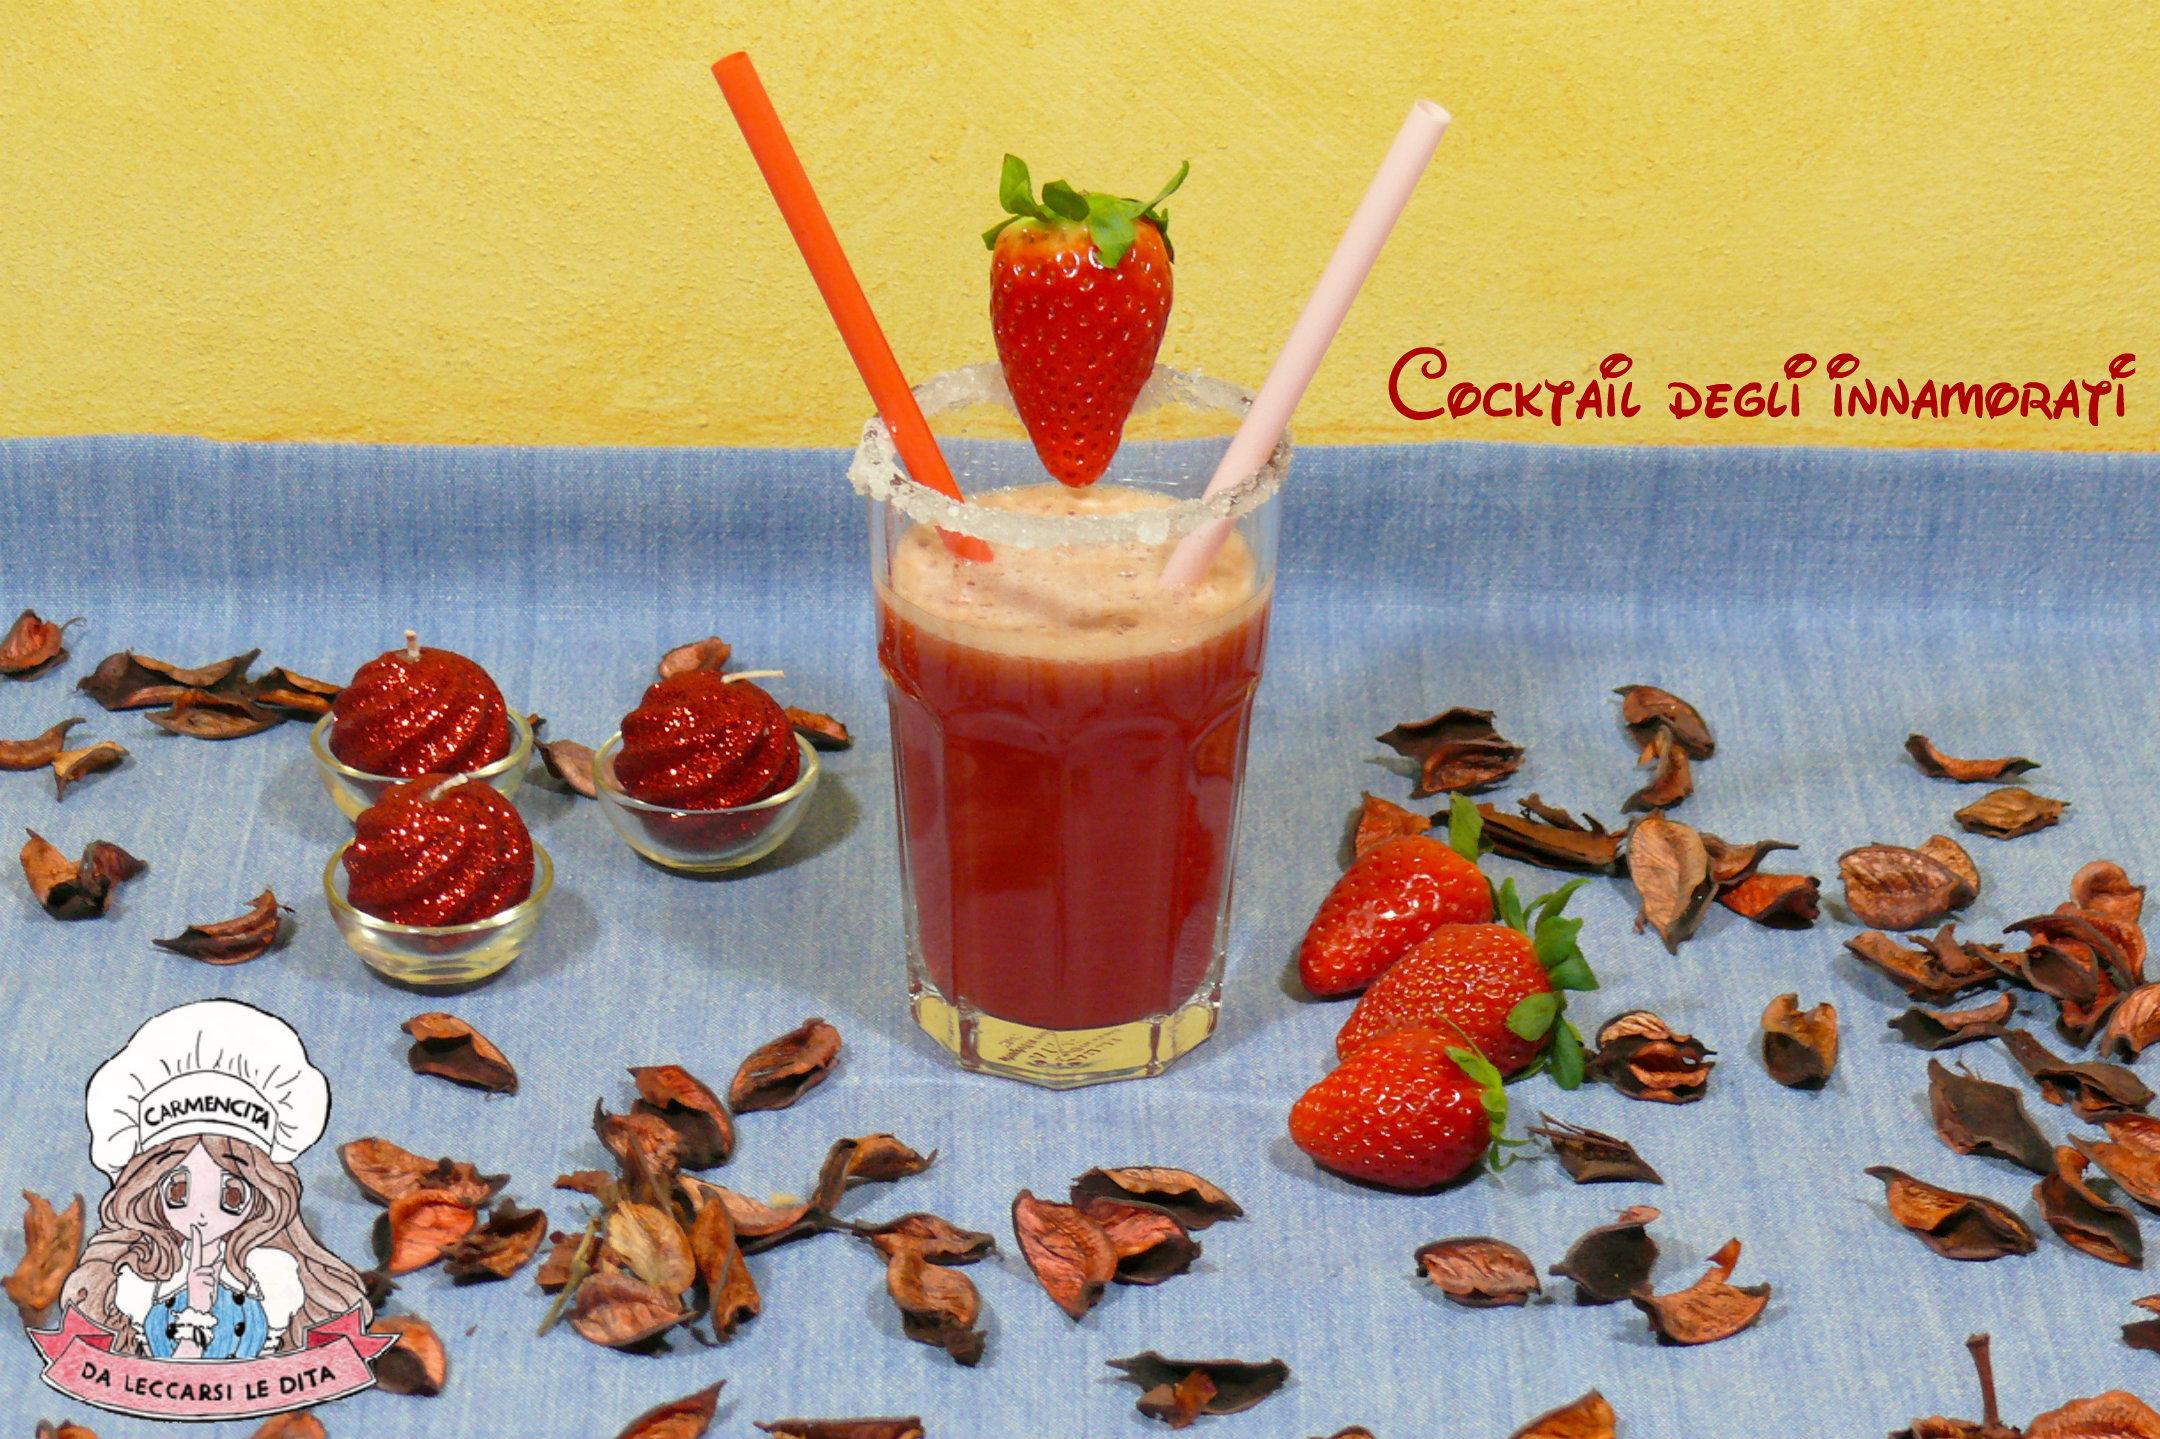 Cocktail degli innamorati